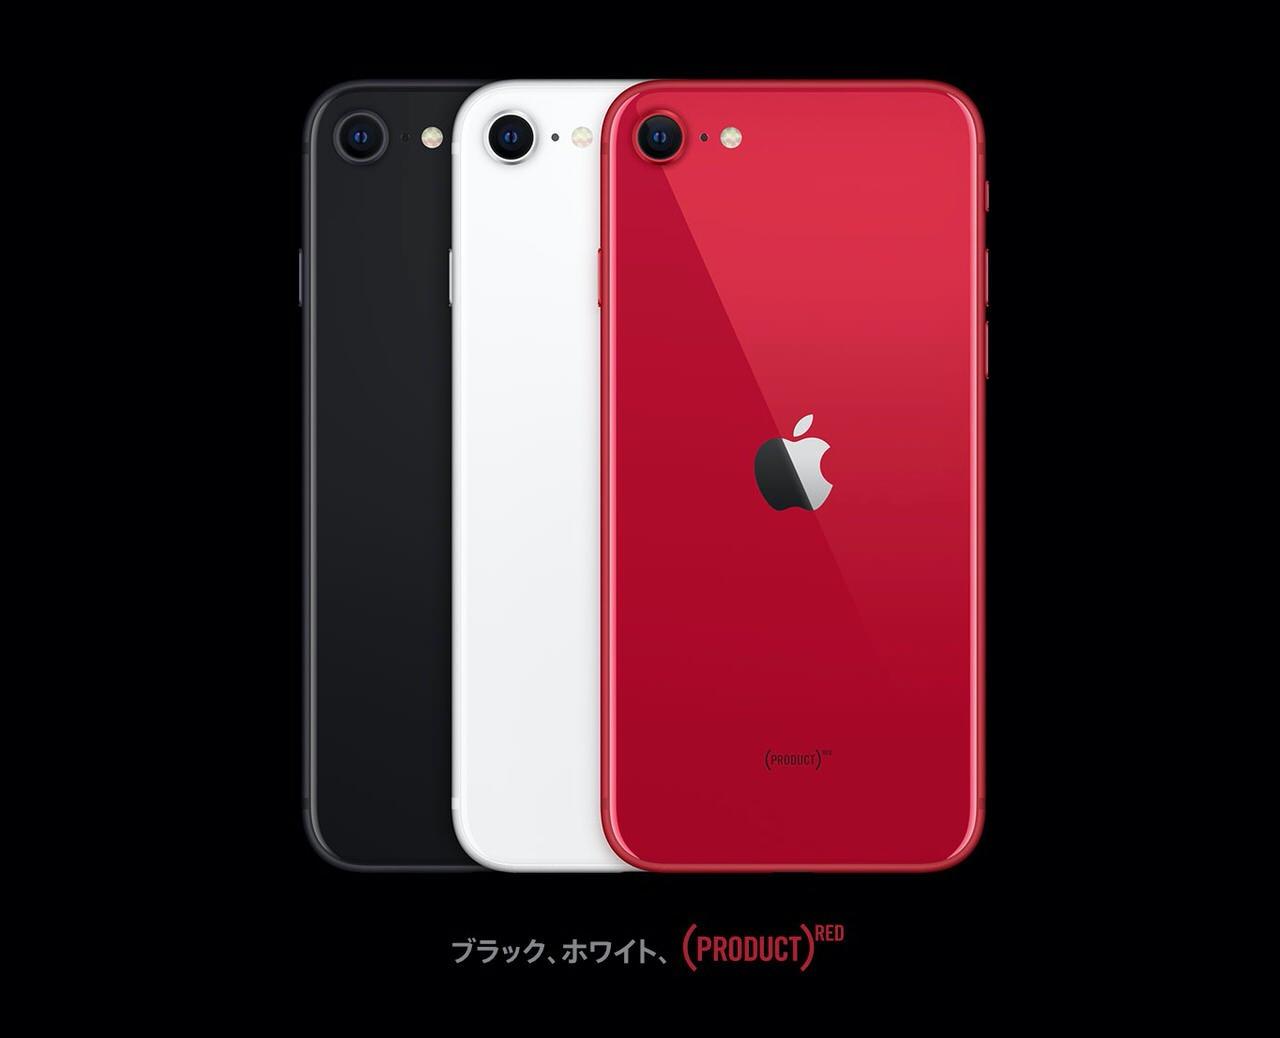 「iPhone SE」RAMは3GB、バッテリー容量は1,821mAhか?